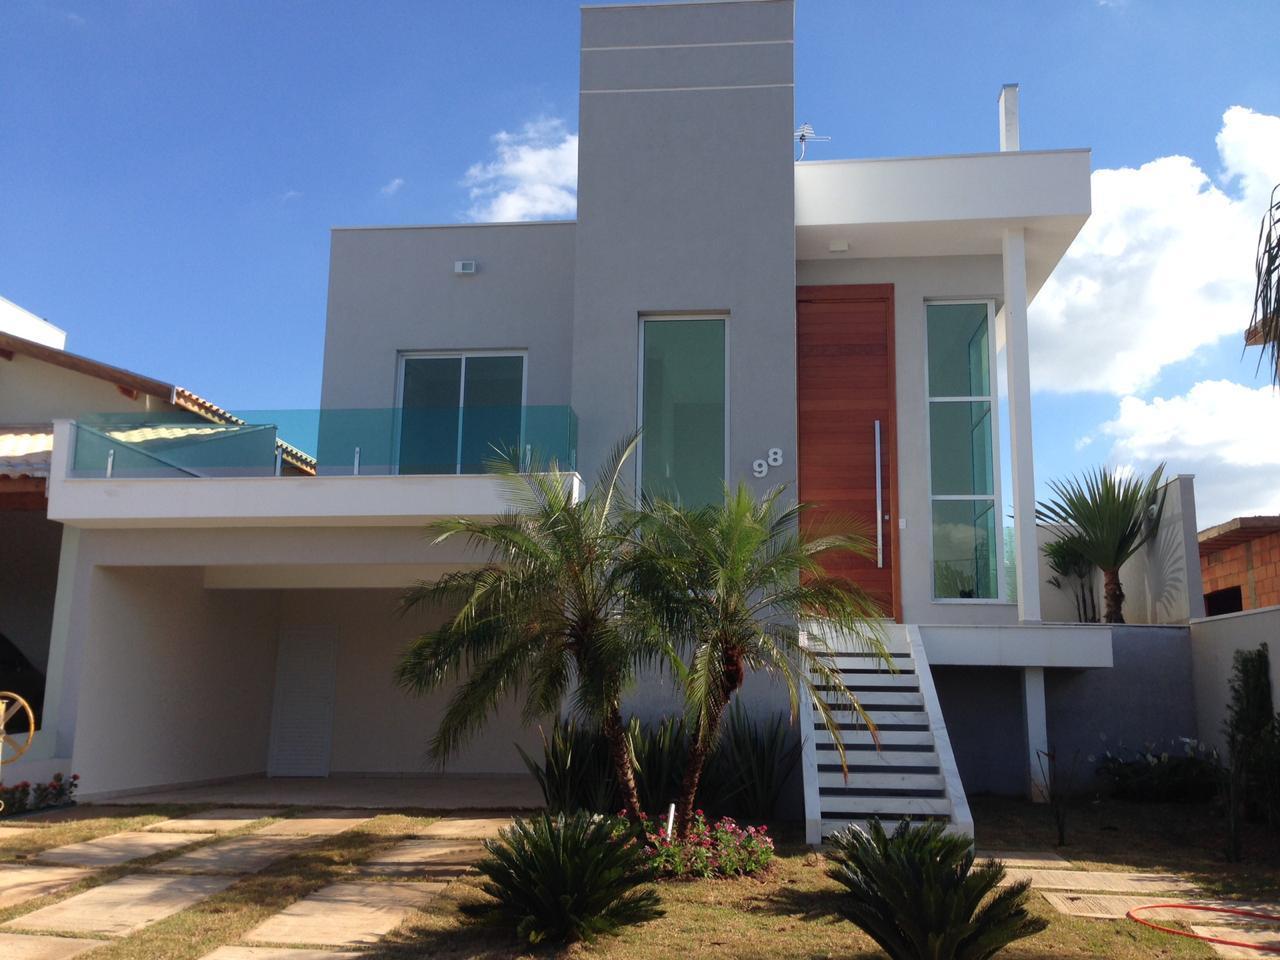 Casa com 3 dormitórios à venda, 190 m² por R$ 901.000 - Jardim Reserva Bom Vive - Indaiatuba/SP